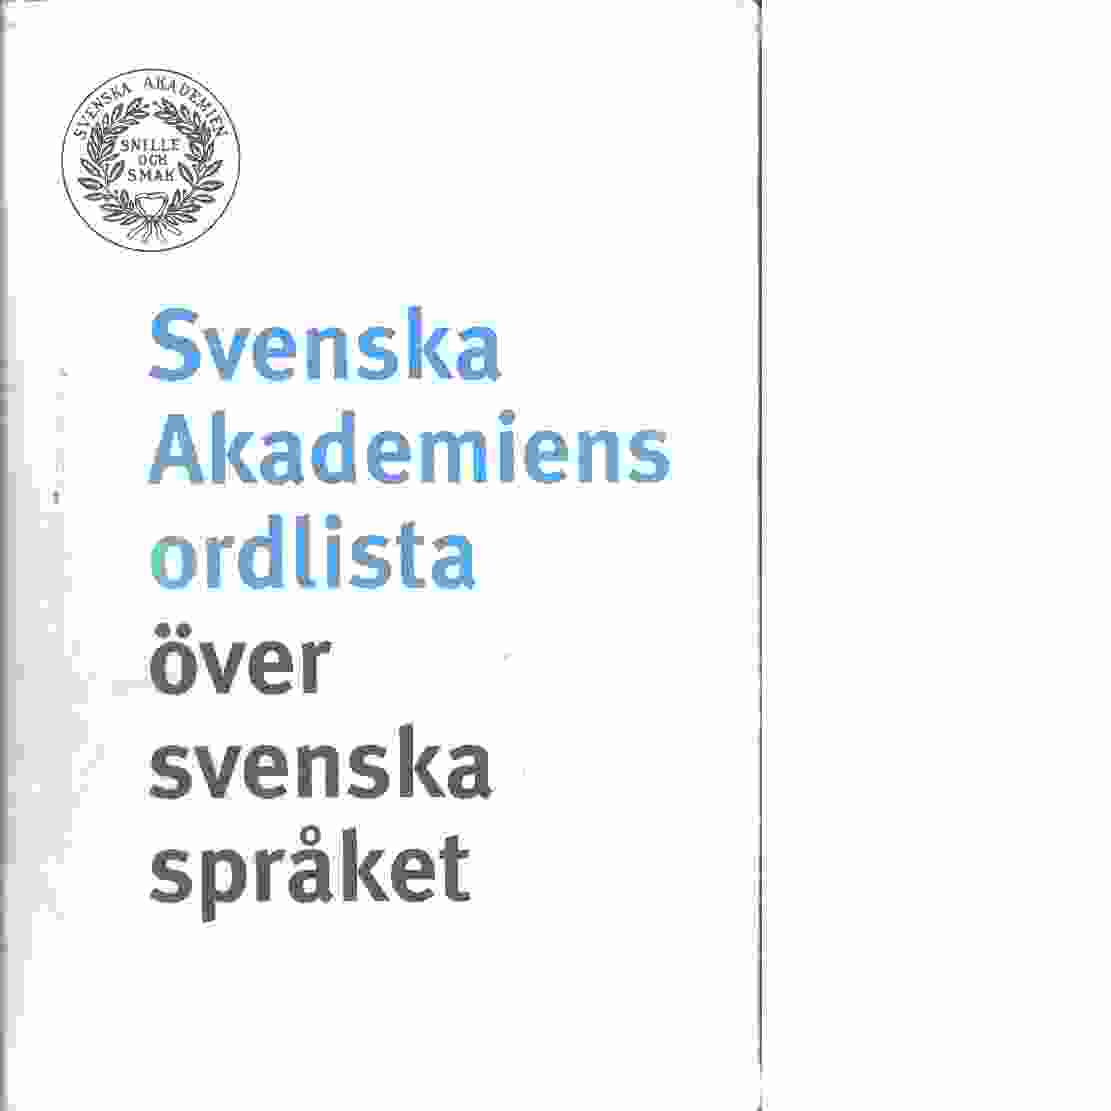 Svenska akademiens ordlista över svenska språket - Red.